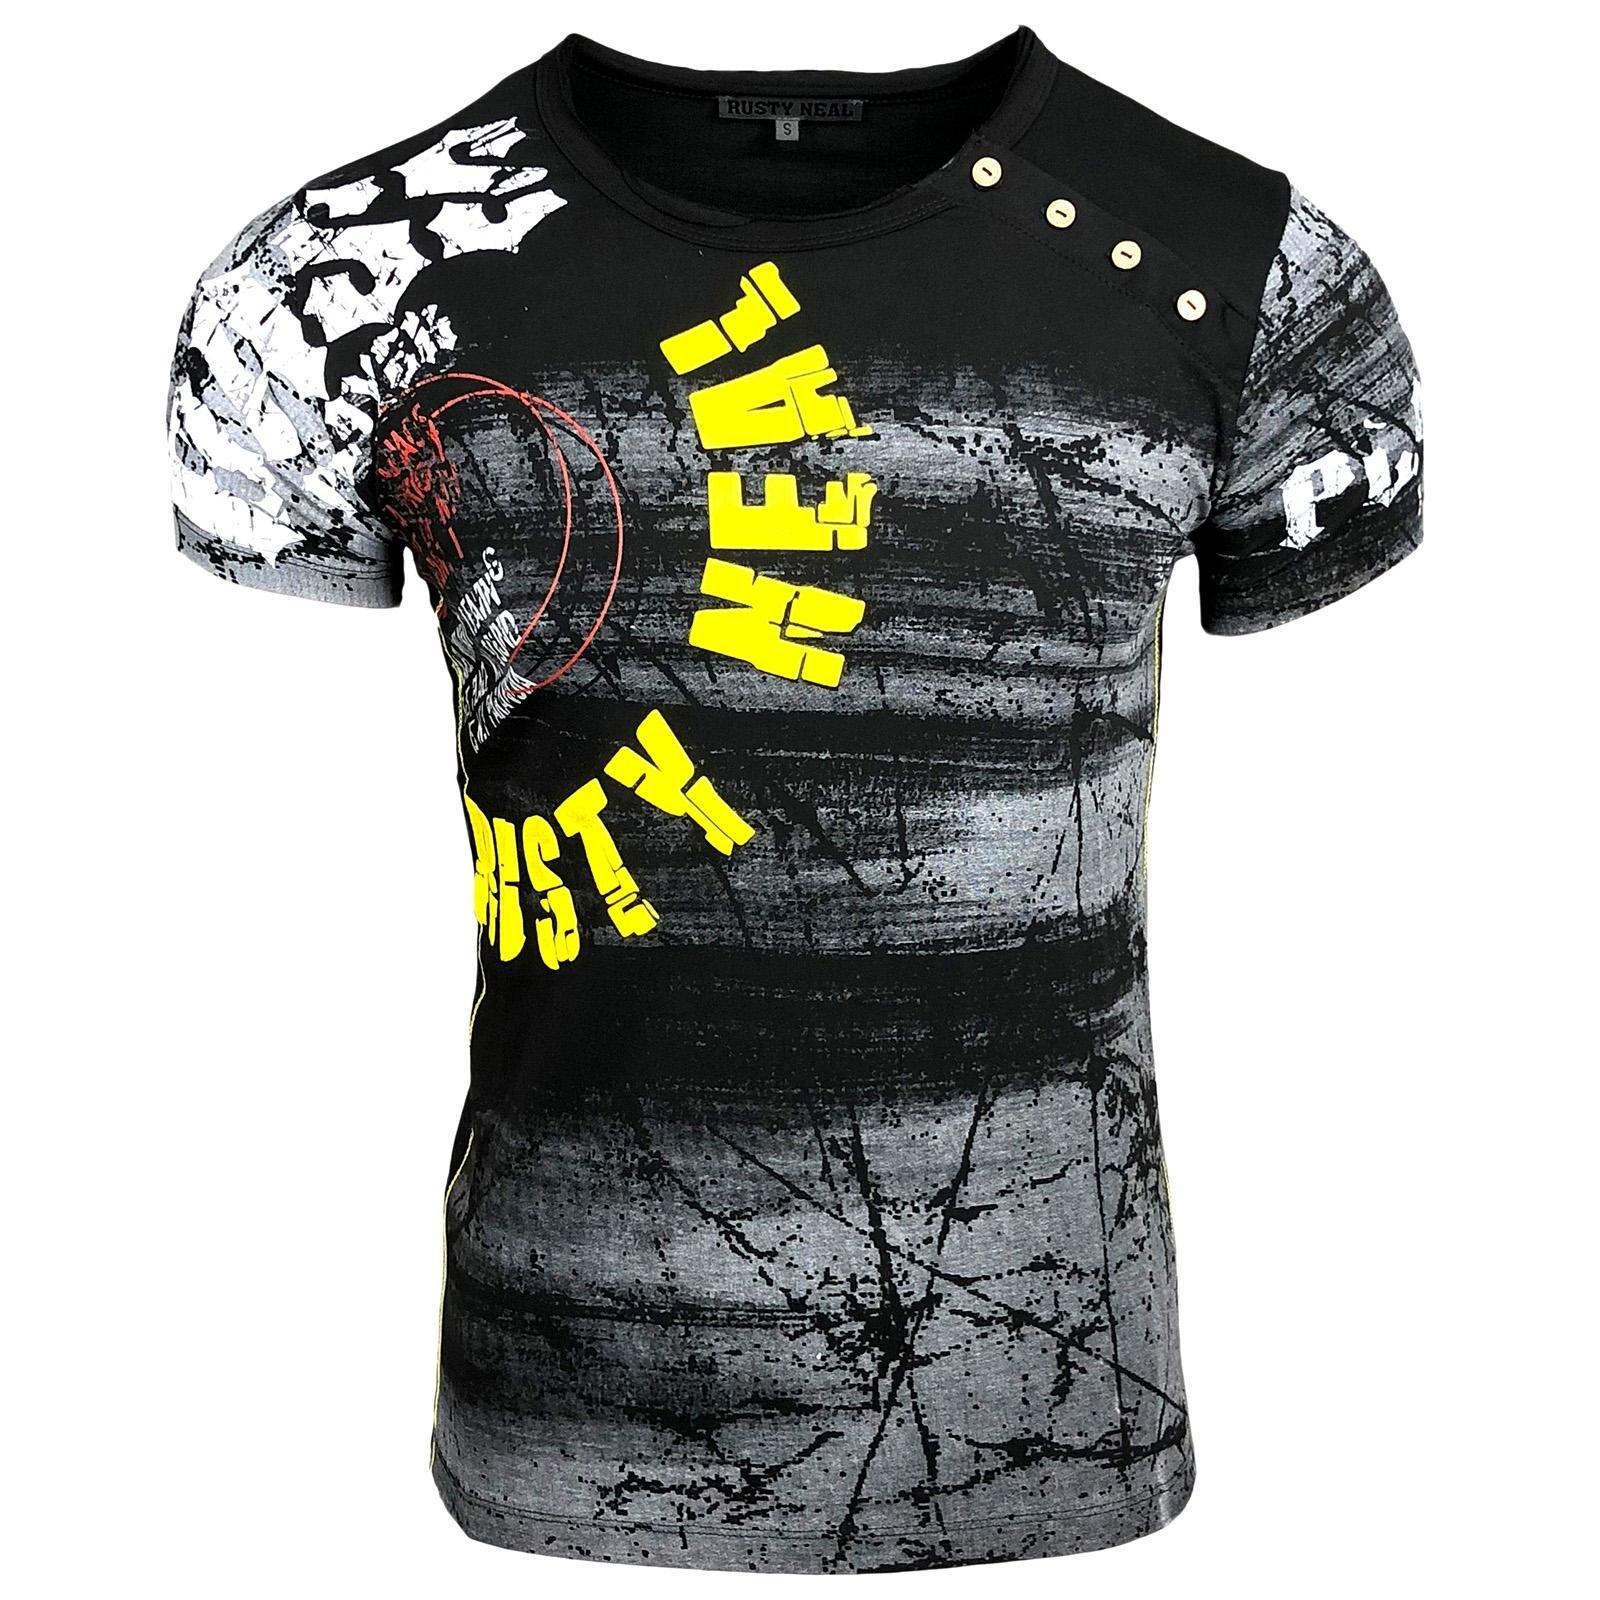 Rusty Neal T-shirt bestellen: 30 dagen bedenktijd